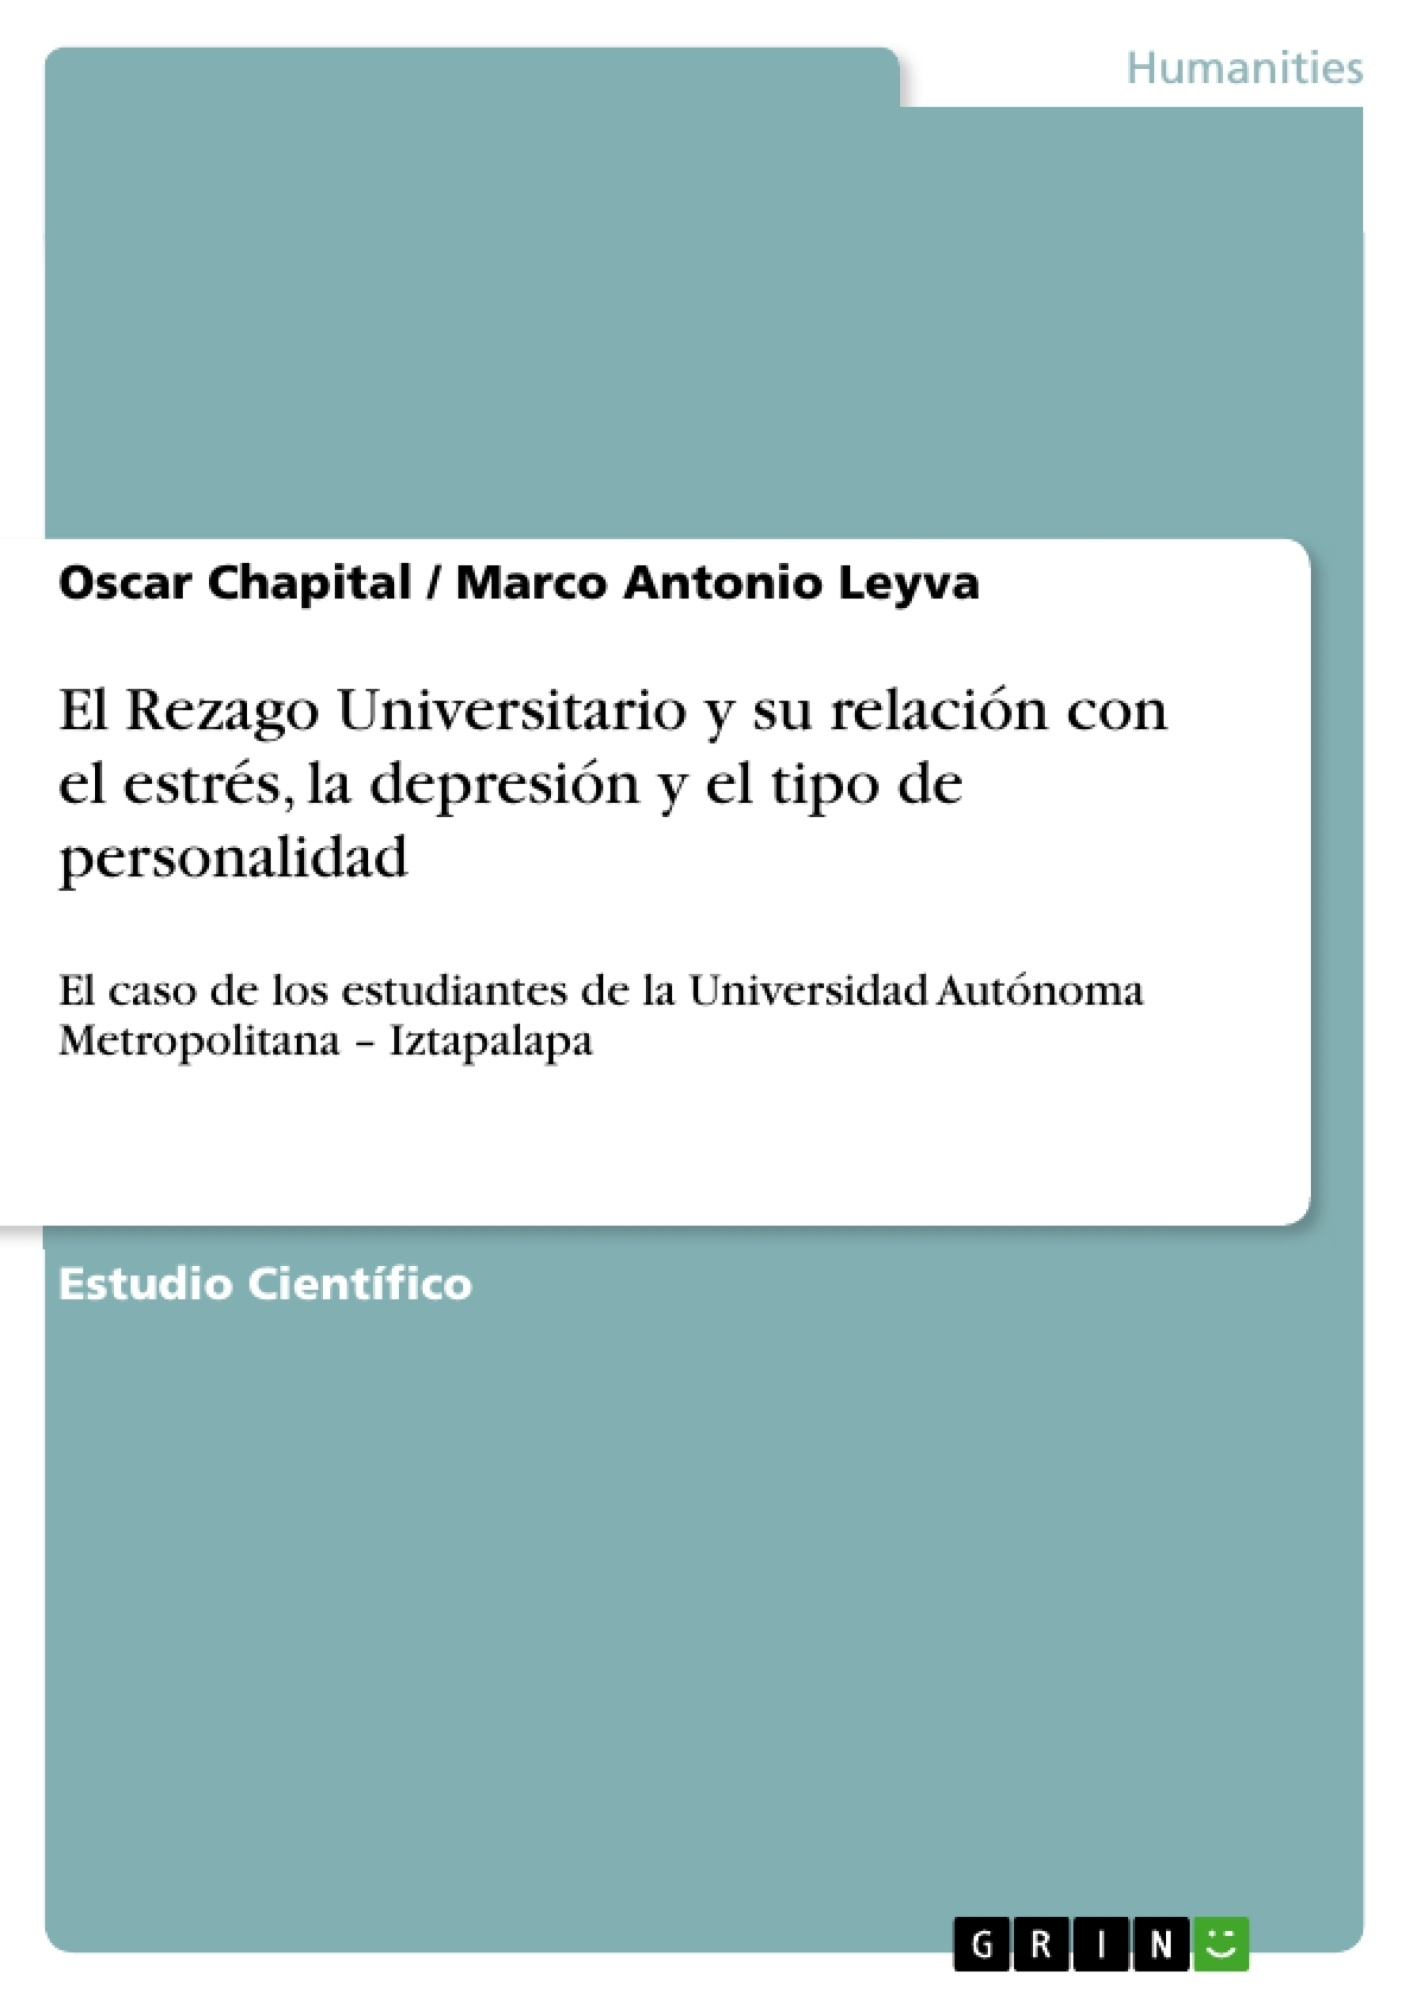 Título: El Rezago Universitario y su relación con el estrés, la depresión y el tipo de personalidad